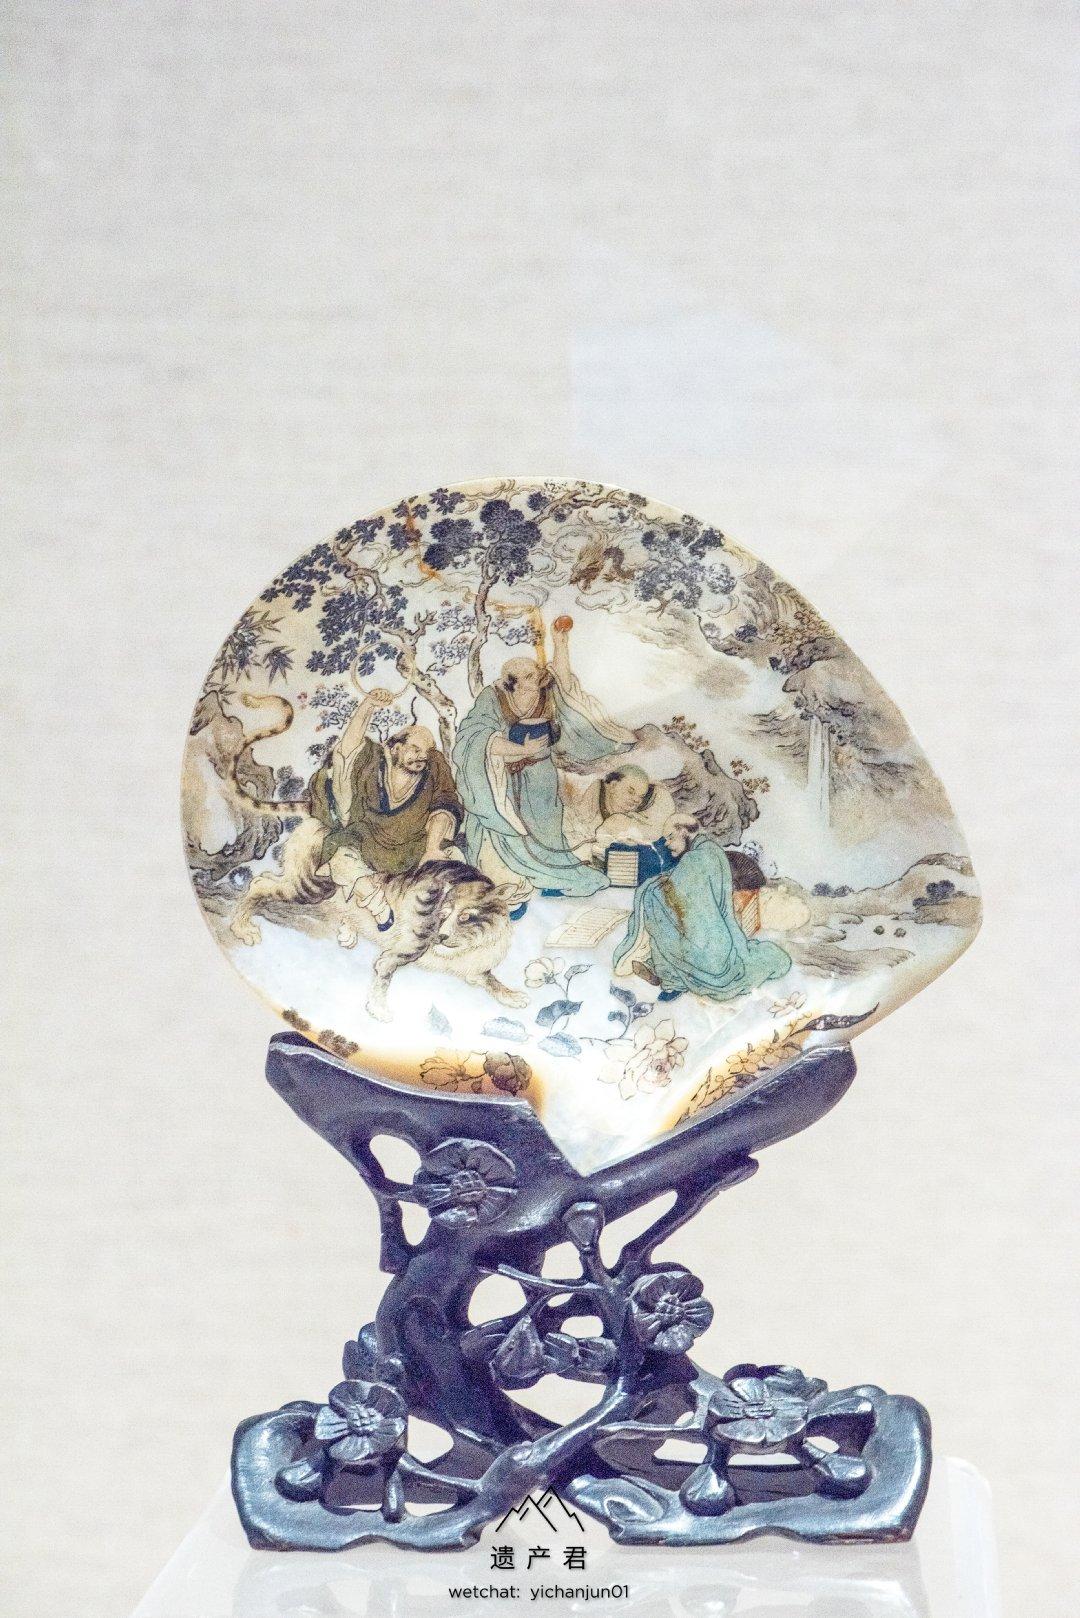 广州十三行博物馆藏· 清代贝壳彩绘罗汉图摆件